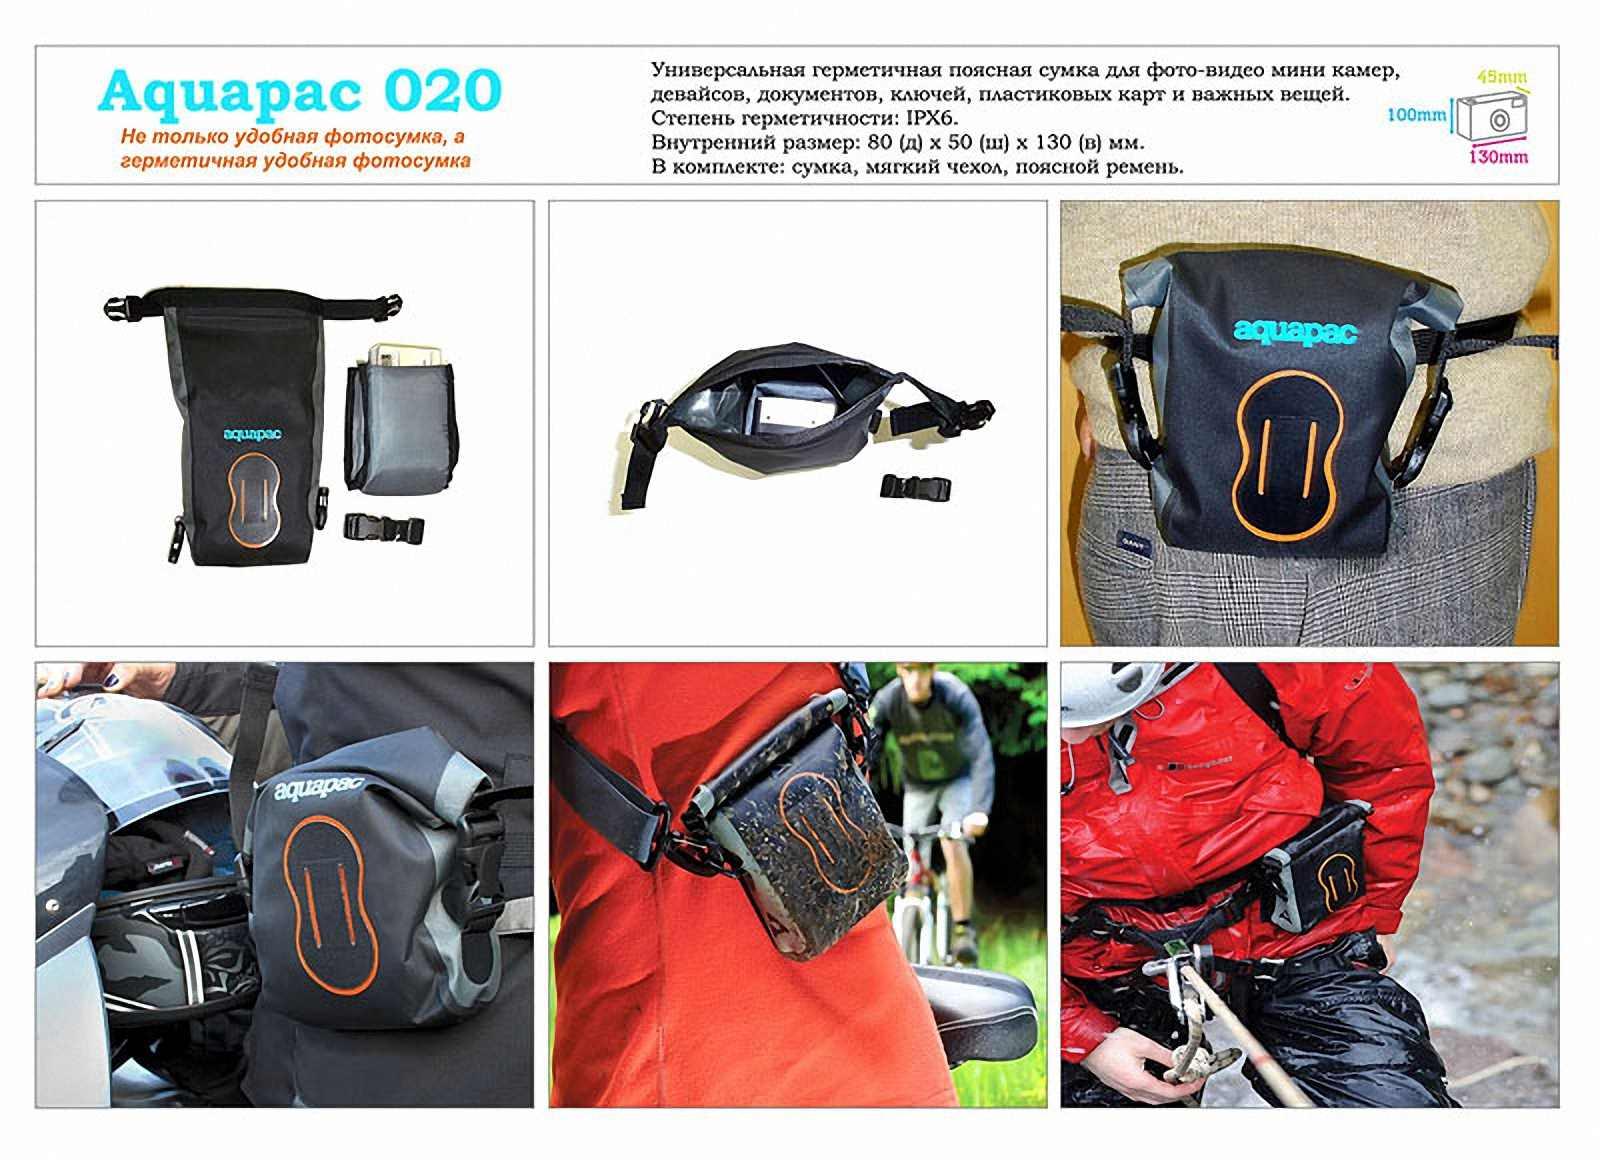 Водонепроницаемый чехол для фотоаппарата - Aquapac 020. Aquapac - №1 в мире водонепроницаемых чехлов и сумок. Фото 6